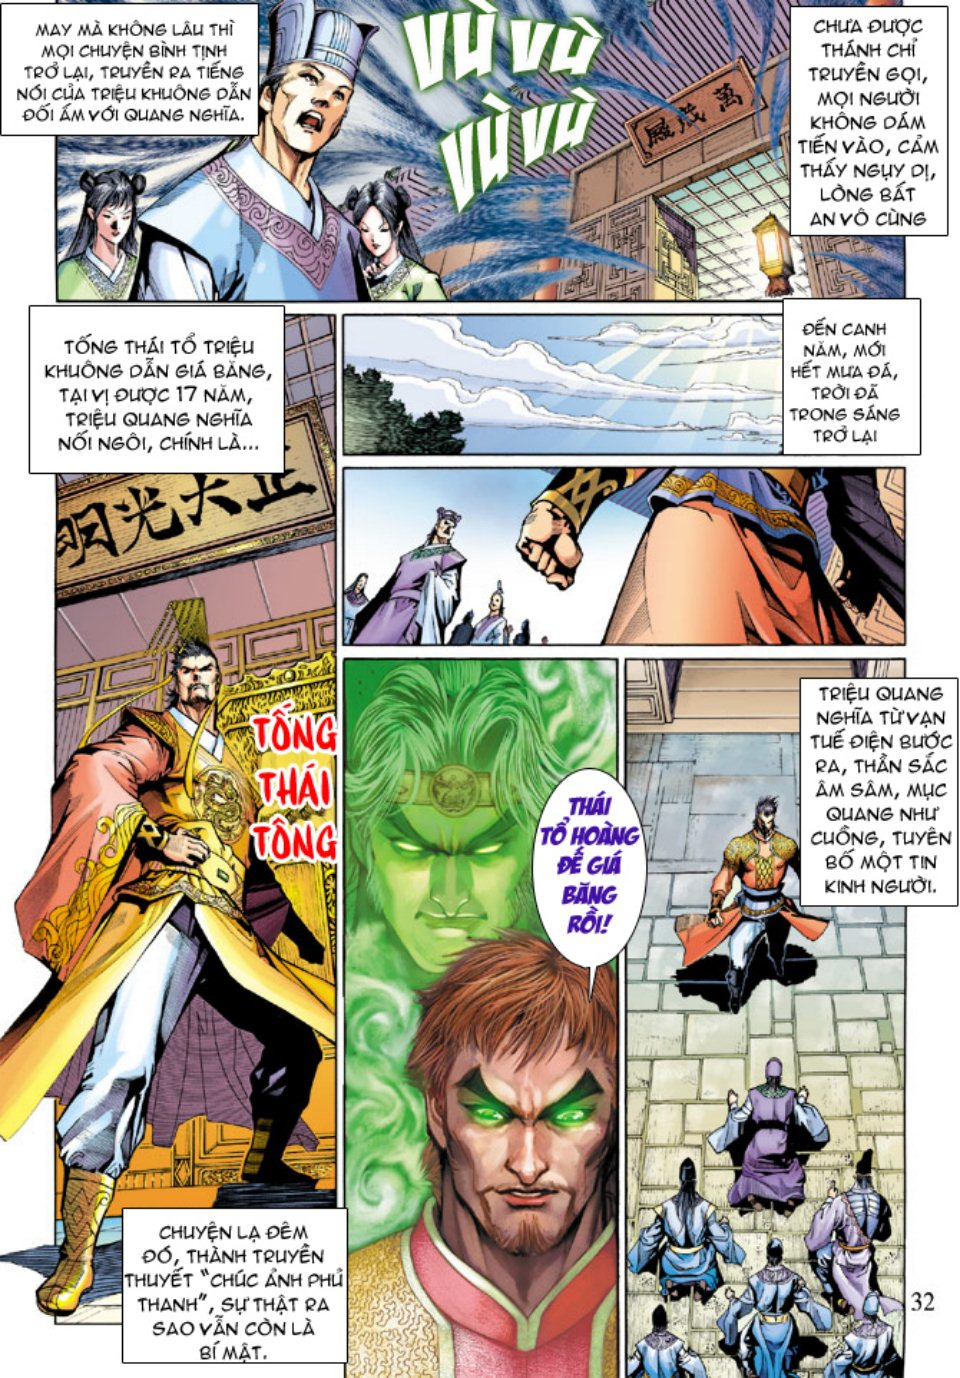 Thiên Tử Truyền Kỳ 5 - Như Lai Thần Chưởng chap 214 - Trang 31